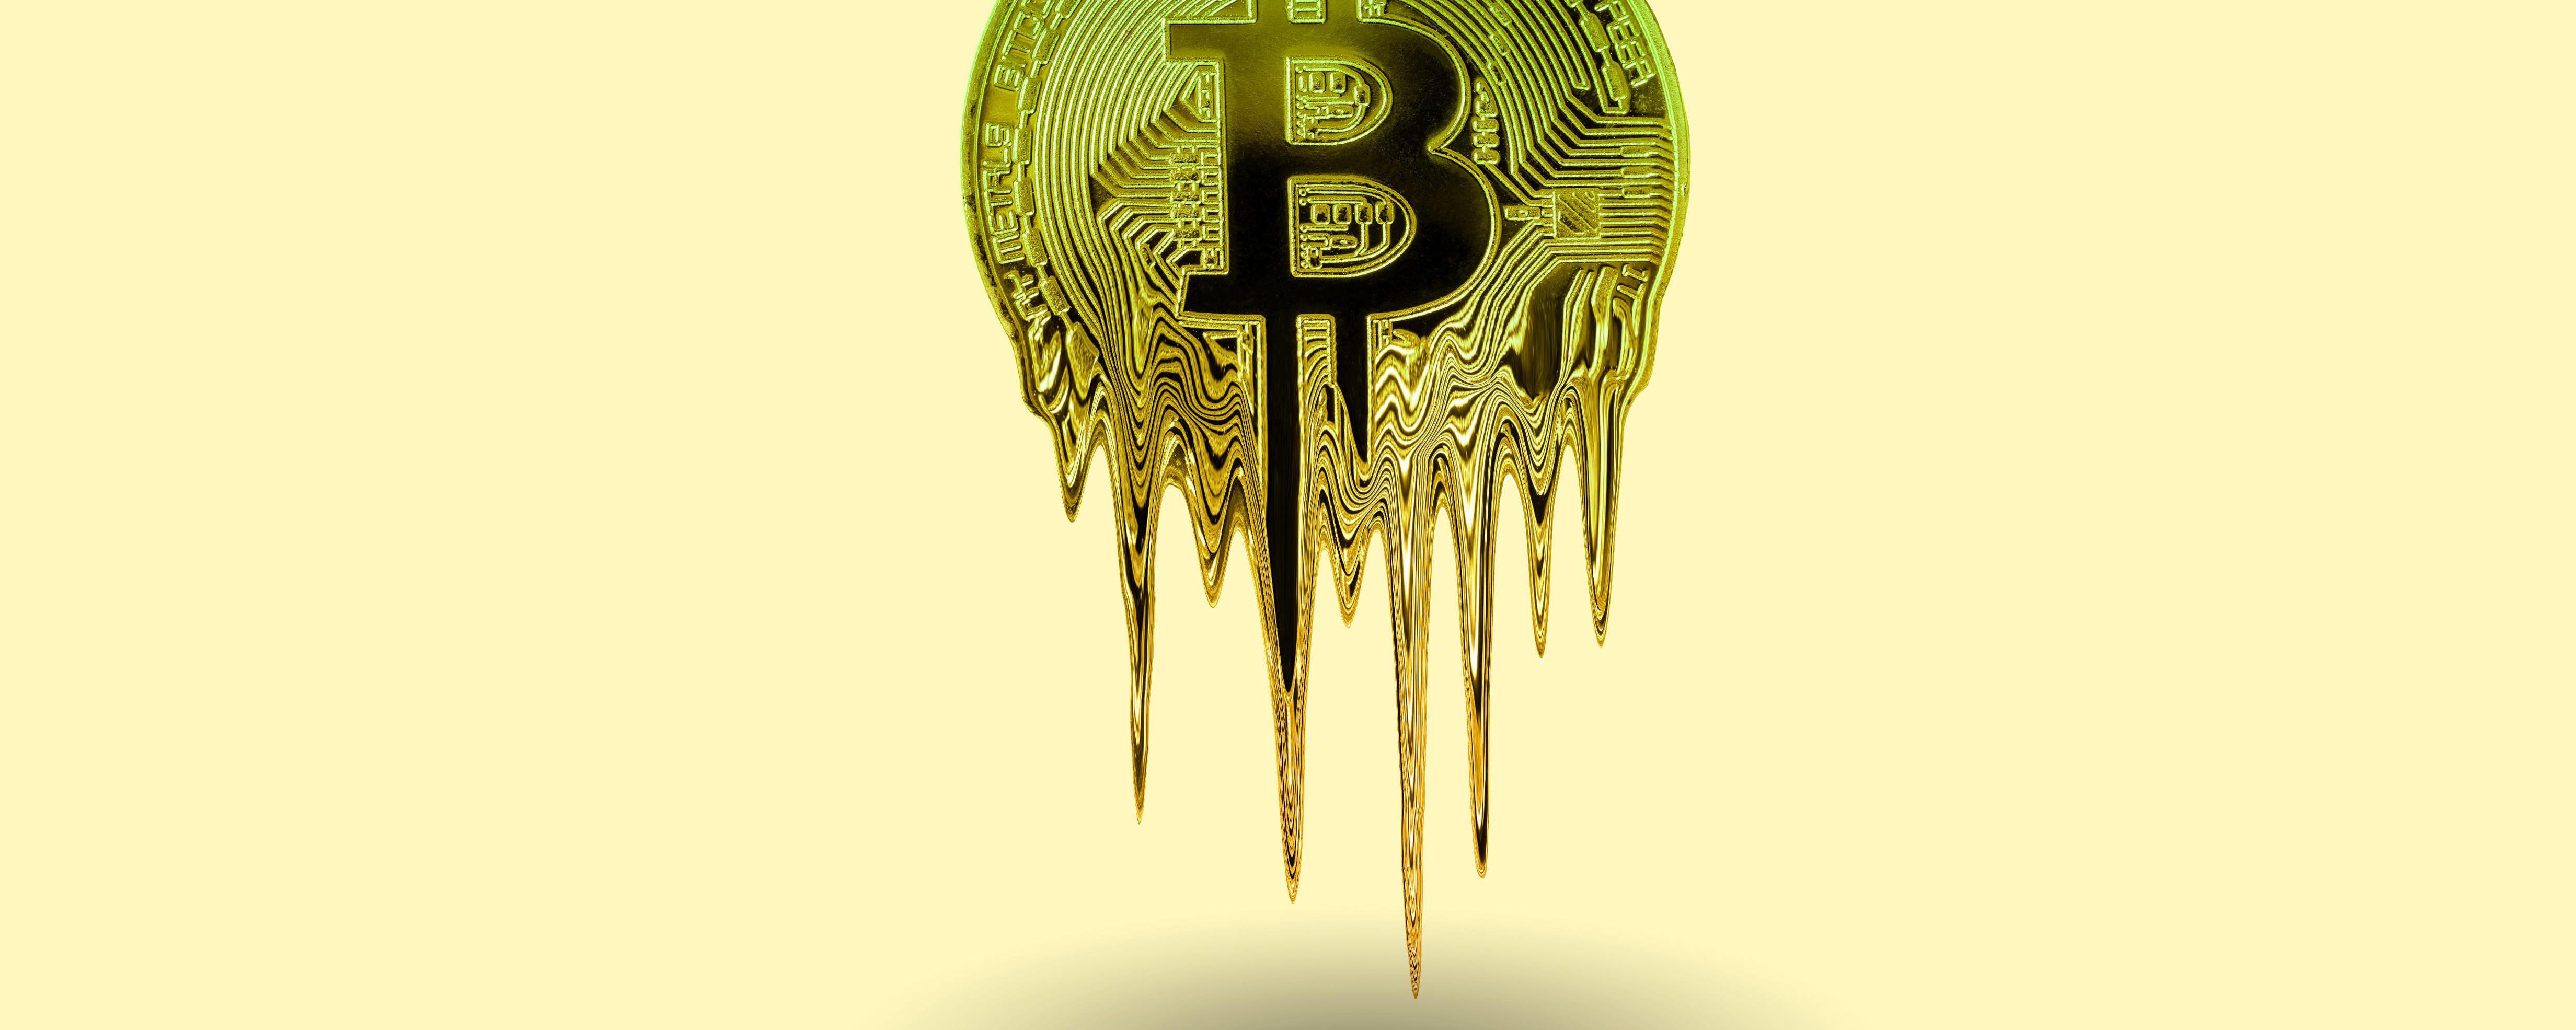 mi pento di non aver investito in bitcoin cerco lavoro verona autista patente b